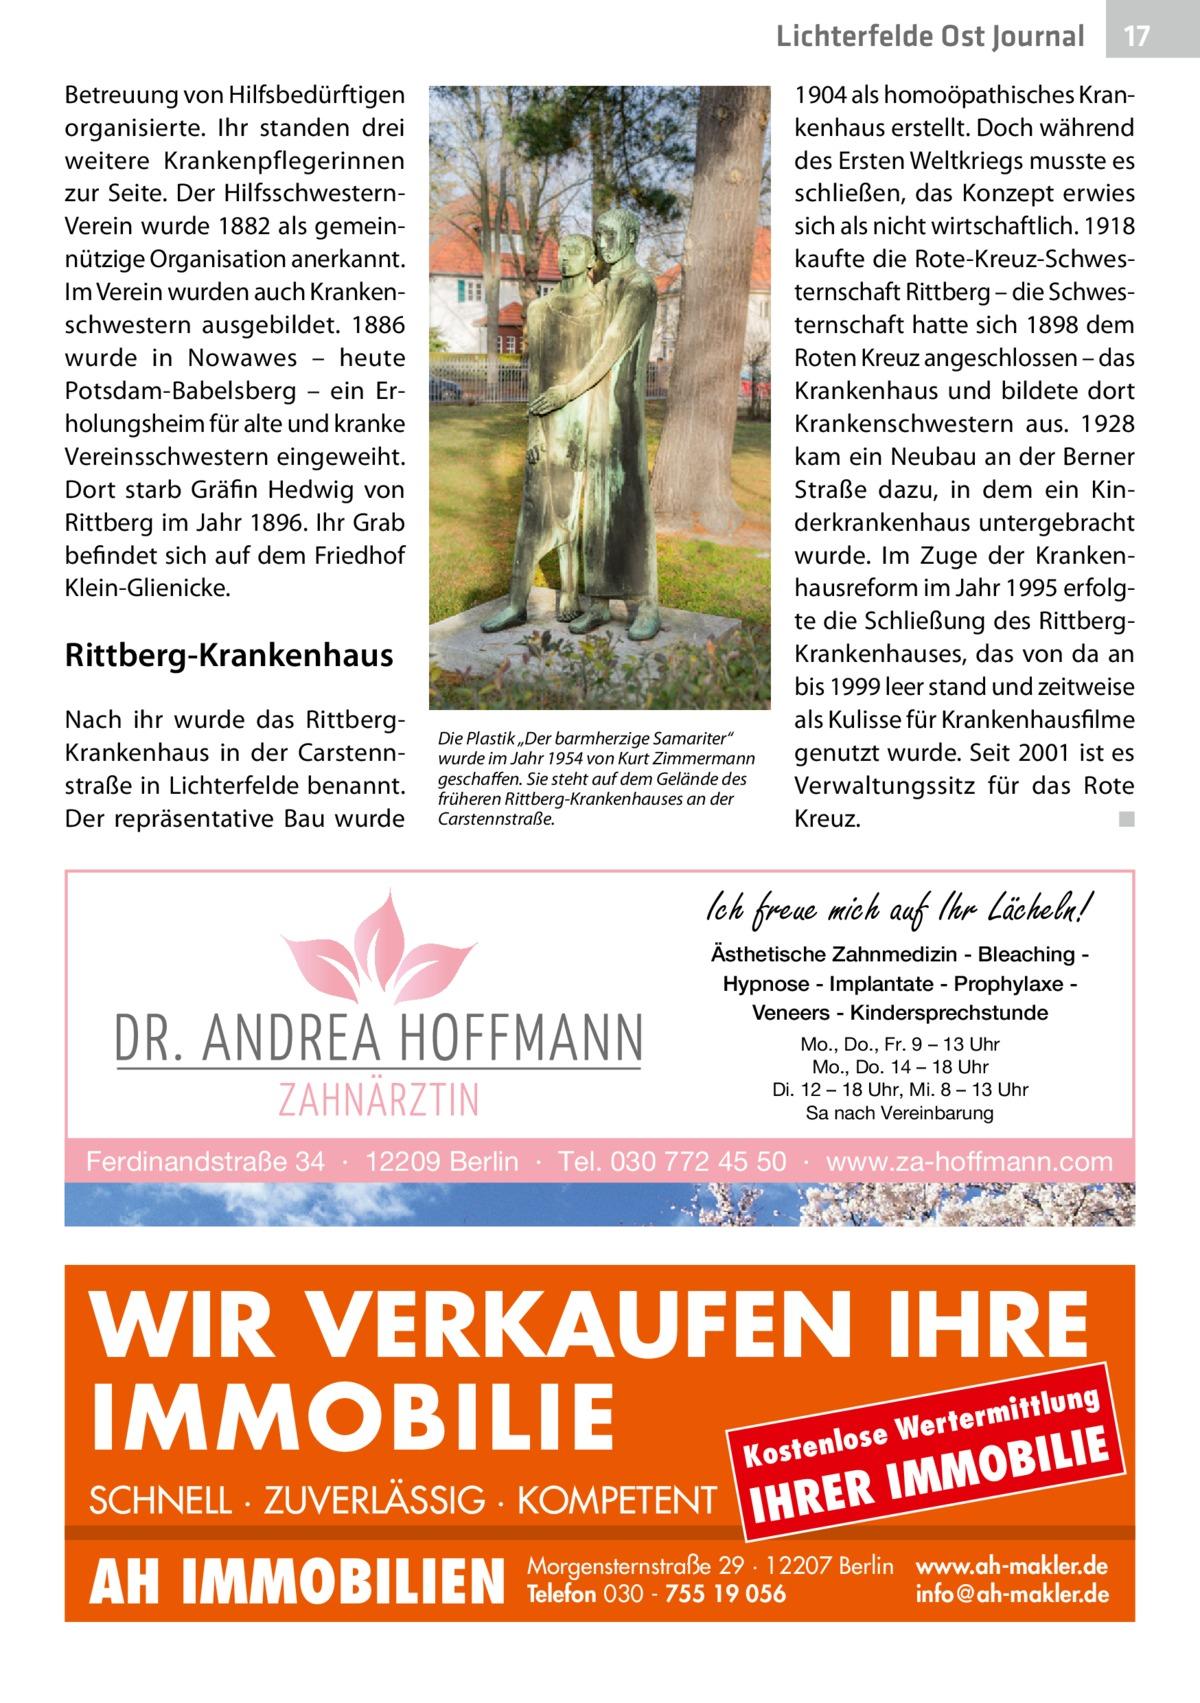 """Lichterfelde Ost Journal Betreuung von Hilfsbedürftigen organisierte. Ihr standen drei weitere Krankenpflegerinnen zur Seite. Der HilfsschwesternVerein wurde 1882 als gemeinnützige Organisation anerkannt. Im Verein wurden auch Krankenschwestern ausgebildet. 1886 wurde in Nowawes – heute Potsdam-Babelsberg – ein Erholungsheim für alte und kranke Vereinsschwestern eingeweiht. Dort starb Gräfin Hedwig von Rittberg im Jahr 1896. Ihr Grab befindet sich auf dem Friedhof Klein-Glienicke.  1904 als homoöpathisches Krankenhaus erstellt. Doch während des Ersten Weltkriegs musste es schließen, das Konzept erwies sich als nicht wirtschaftlich. 1918 kaufte die Rote-Kreuz-Schwesternschaft Rittberg – die Schwesternschaft hatte sich 1898 dem Roten Kreuz angeschlossen – das Krankenhaus und bildete dort Krankenschwestern aus. 1928 kam ein Neubau an der Berner Straße dazu, in dem ein Kinderkrankenhaus untergebracht wurde. Im Zuge der Krankenhausreform im Jahr 1995 erfolgte die Schließung des RittbergKrankenhauses, das von da an bis 1999 leer stand und zeitweise als Kulisse für Krankenhausfilme genutzt wurde. Seit 2001 ist es Verwaltungssitz für das Rote Kreuz. � ◾  Rittberg-Krankenhaus Nach ihr wurde das RittbergKrankenhaus in der Carstennstraße in Lichterfelde benannt. Der repräsentative Bau wurde  Die Plastik """"Der barmherzige Samariter"""" wurde im Jahr 1954 von Kurt Zimmermann geschaffen. Sie steht auf dem Gelände des früheren Rittberg-Krankenhauses an der Carstennstraße.  Ich freue mich auf Ihr Lächeln! Ästhetische Zahnmedizin - Bleaching Hypnose - Implantate - Prophylaxe Veneers - Kindersprechstunde Mo., Do., Fr. 9 – 13 Uhr Mo., Do. 14 – 18 Uhr Di. 12 – 18 Uhr, Mi. 8 – 13 Uhr Sa nach Vereinbarung  Ferdinandstraße 34 · 12209 Berlin · Tel. 030 772 45 50 · www.za-hoffmann.com  WIR VERKAUFEN IHRE IMMOBILIE IE MOBIL ittlung  rterm ose We l n e t s o  K  SCHNELL · ZUVERLÄSSIG · KOMPETENT  AH IMMOBILIEN  17 17  IHRER  IM  Morgensternstraße 29 · 12207 Berlin www.ah-makler.de Telefon 030 - 7"""